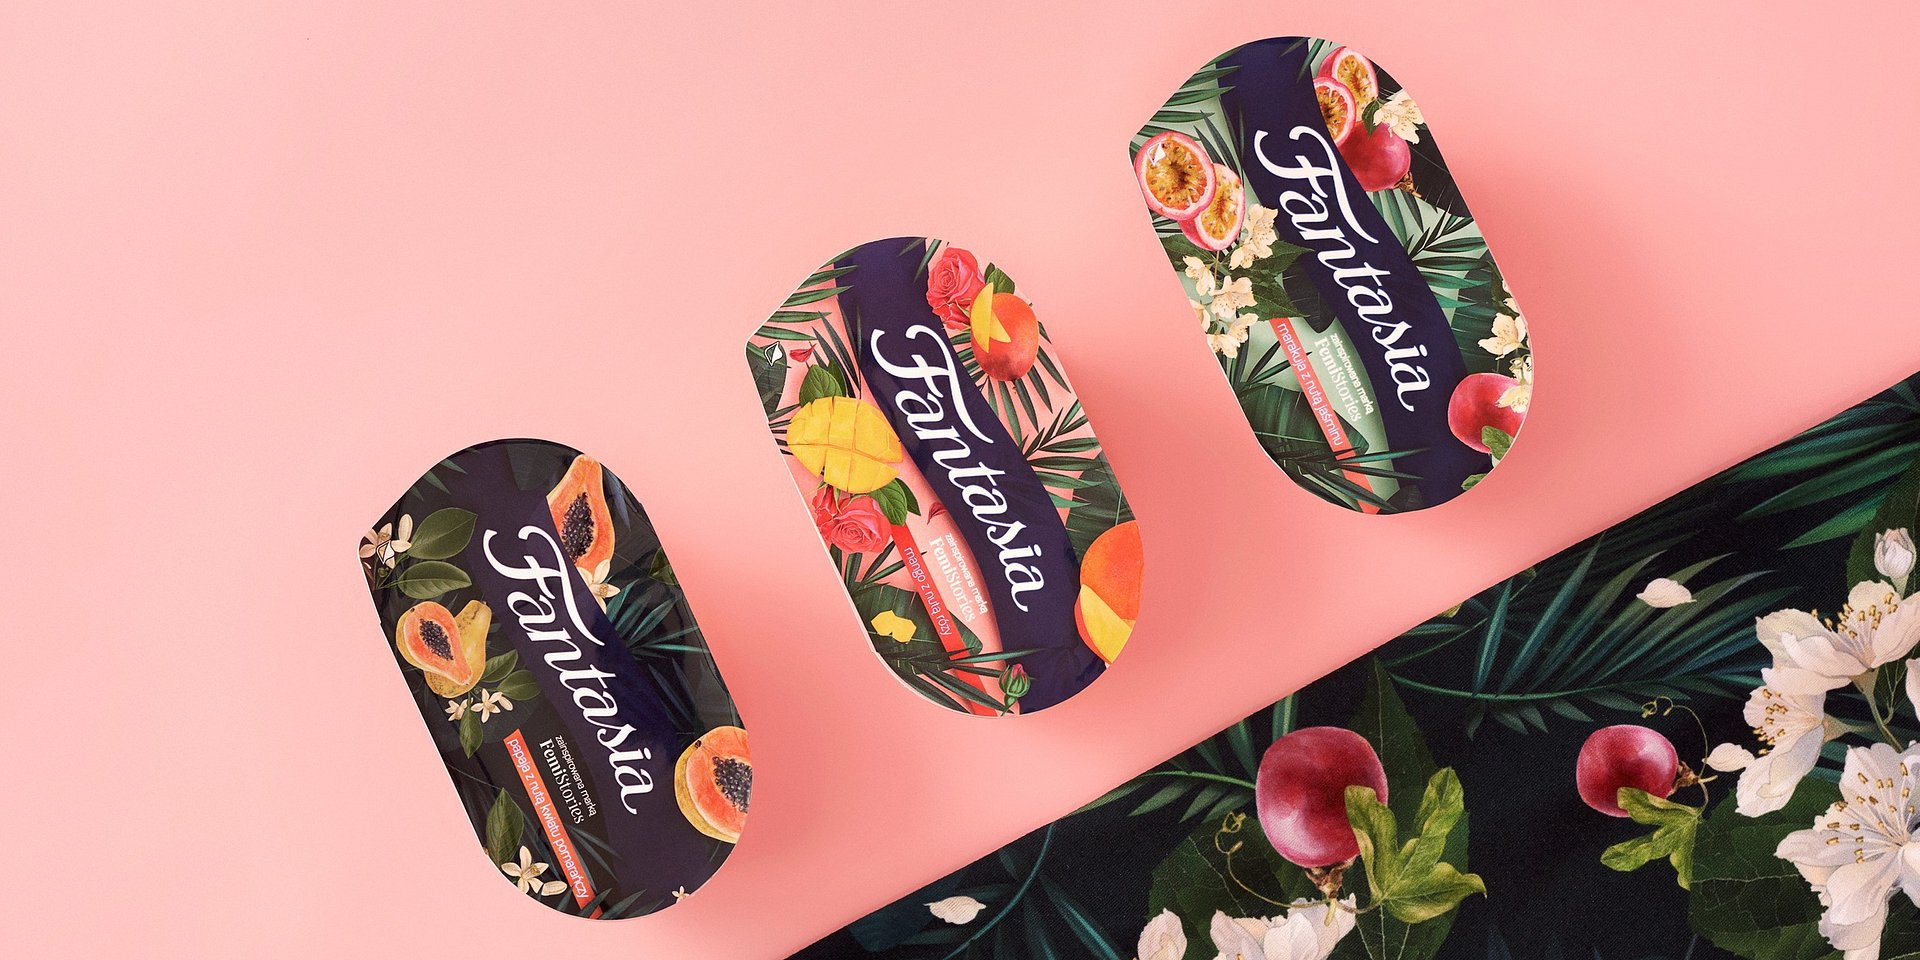 Fantasia rozkwita na wiosnę! Premiera smaków łączących owoce egzotyczne z nutami kwiatowymi